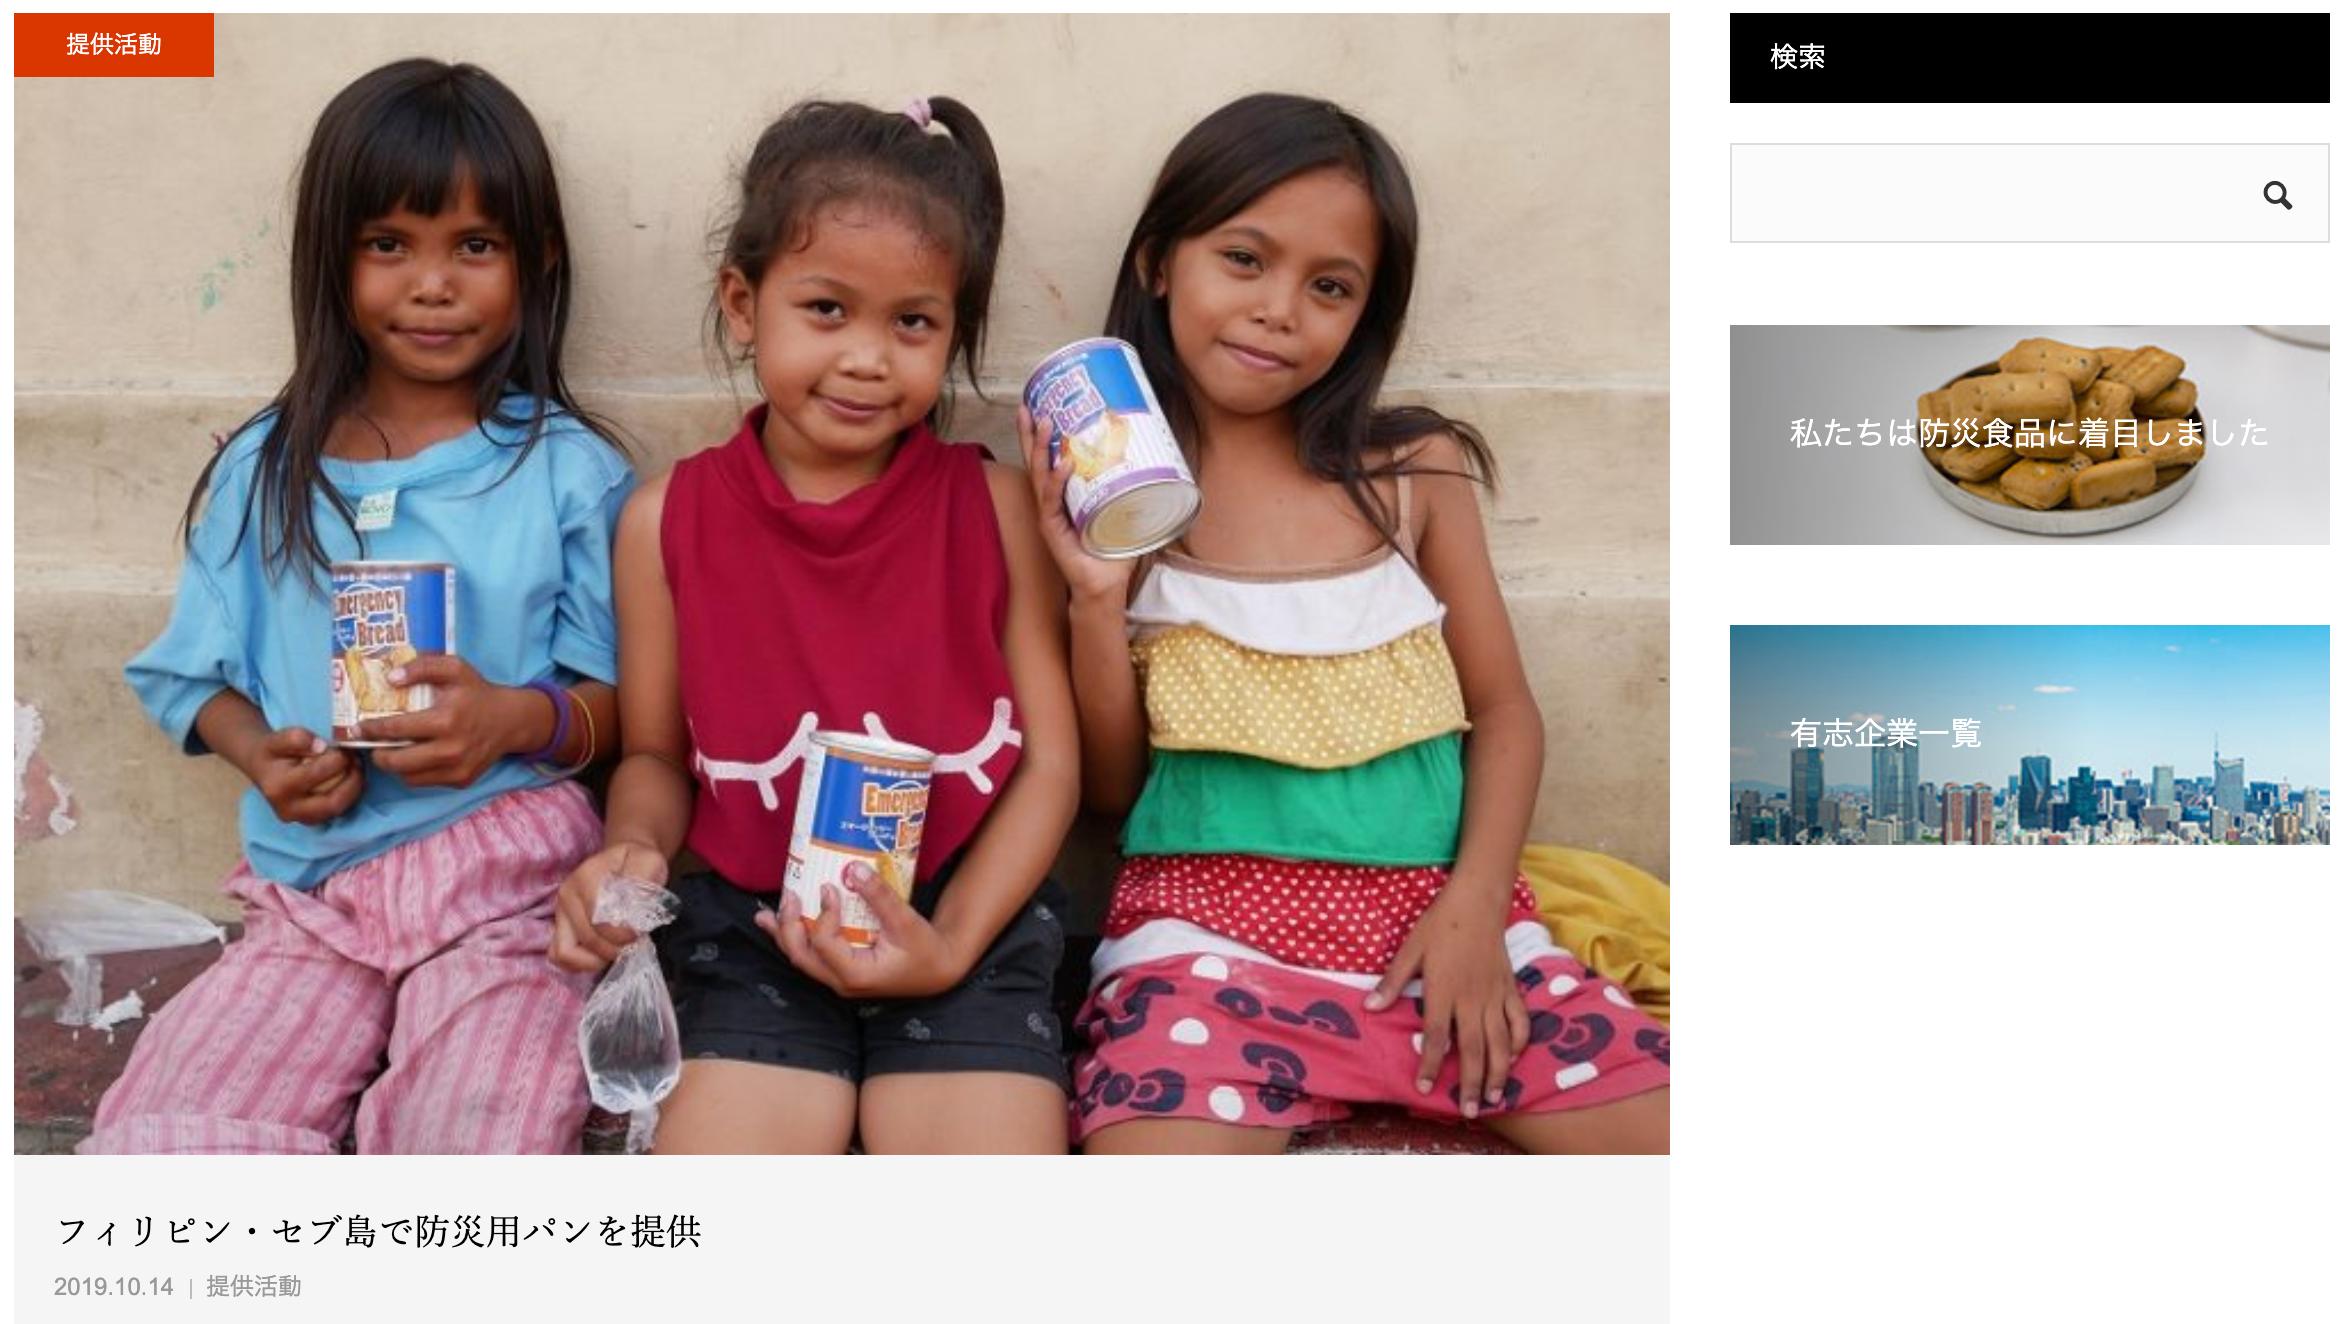 一般社団法人コネクトライフエイド フィリピンのセブ島のスラム地域への提供